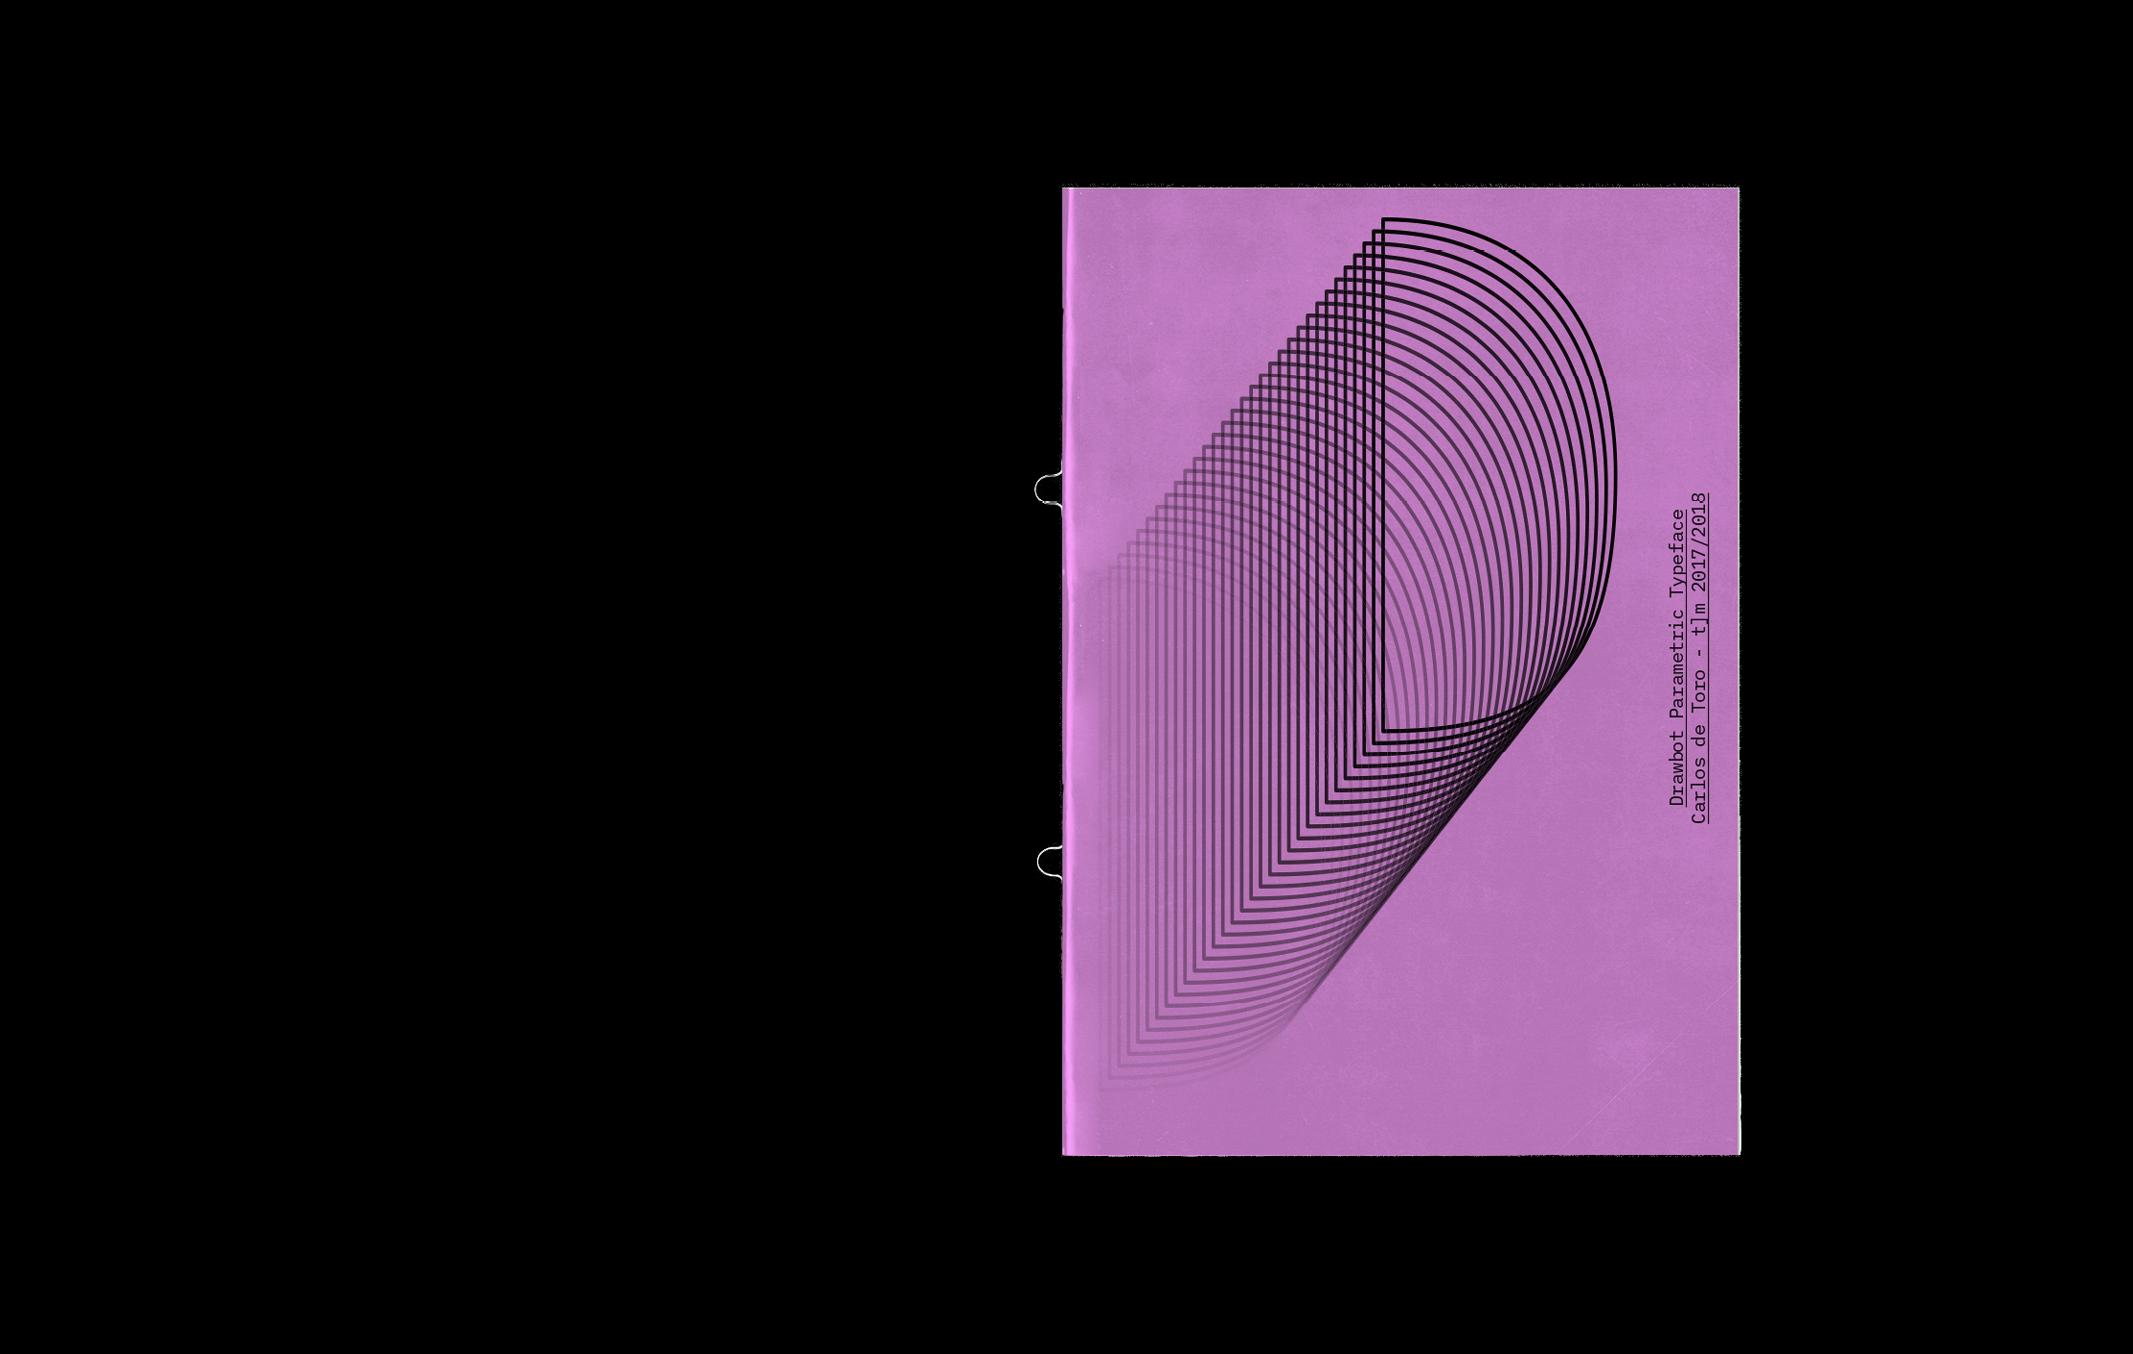 Carlos_de_Toro_Type_Design6 (1)